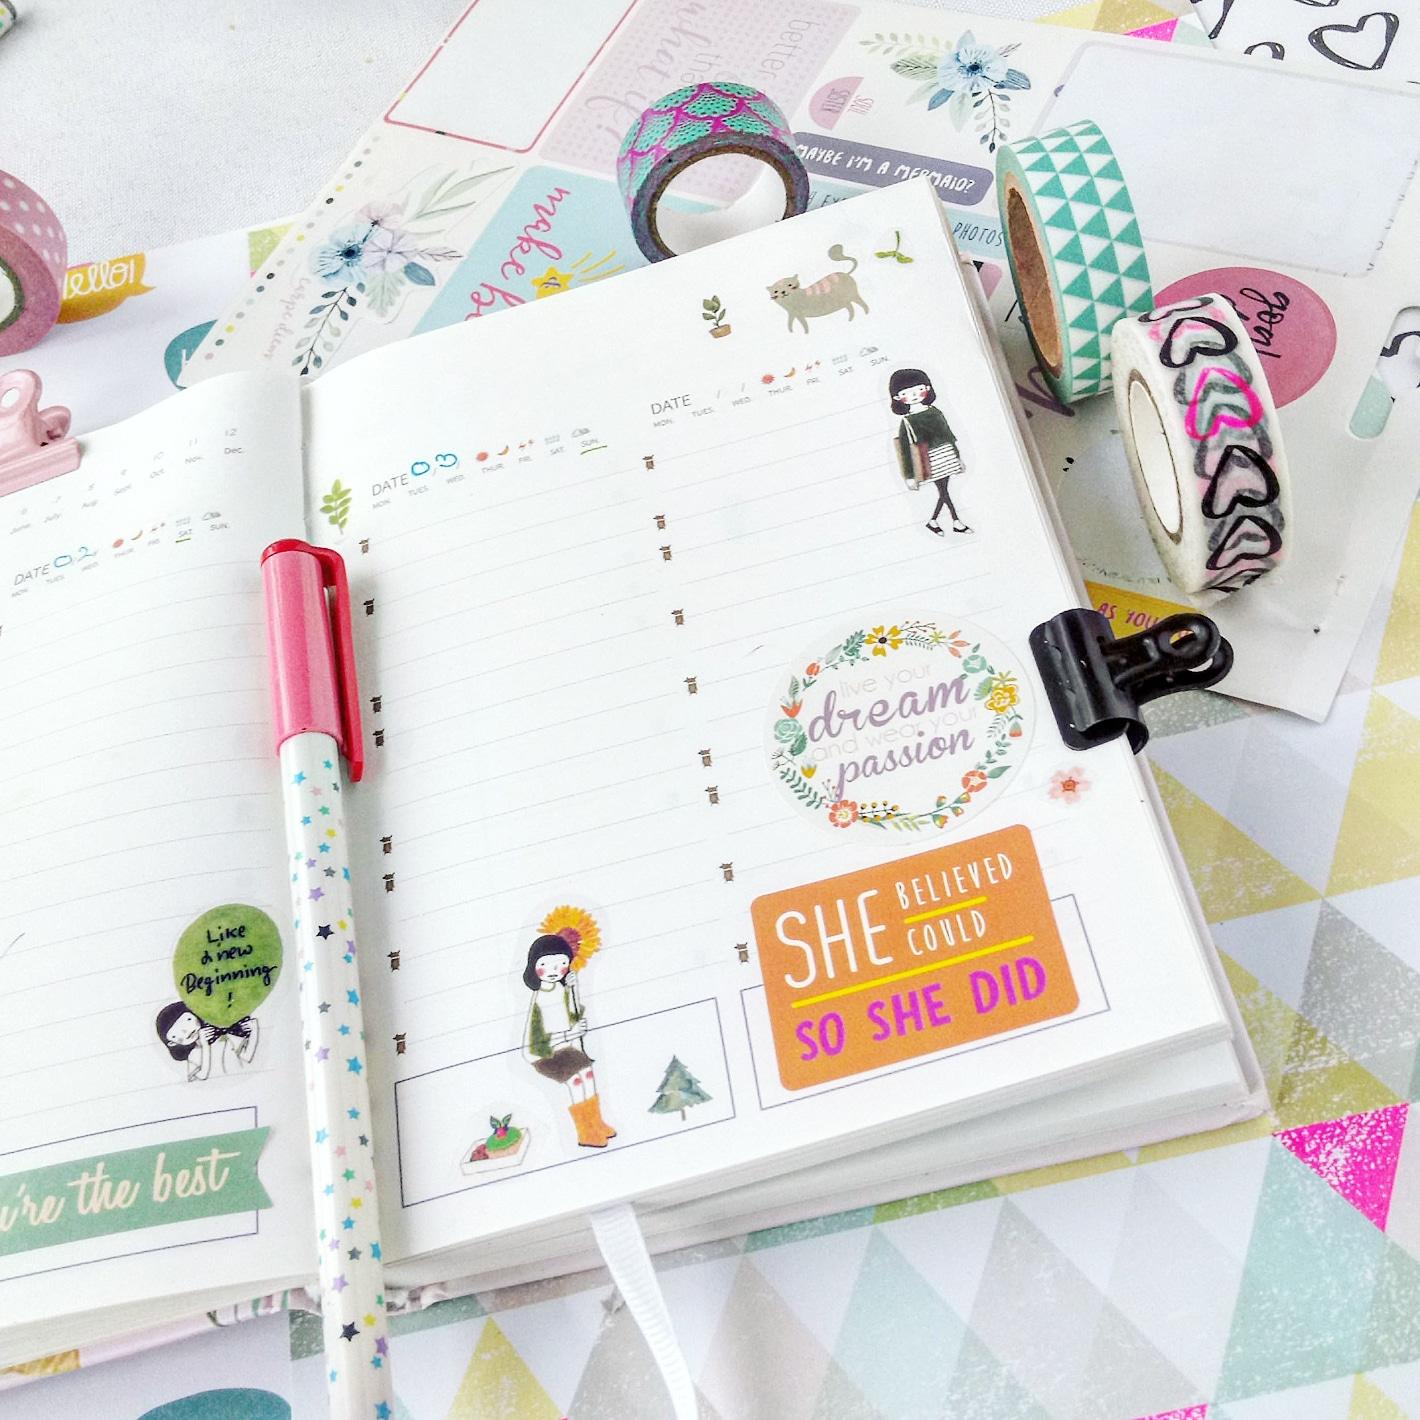 jak dekorować planner, jak prowadzić planner, co zapisywać w planerze